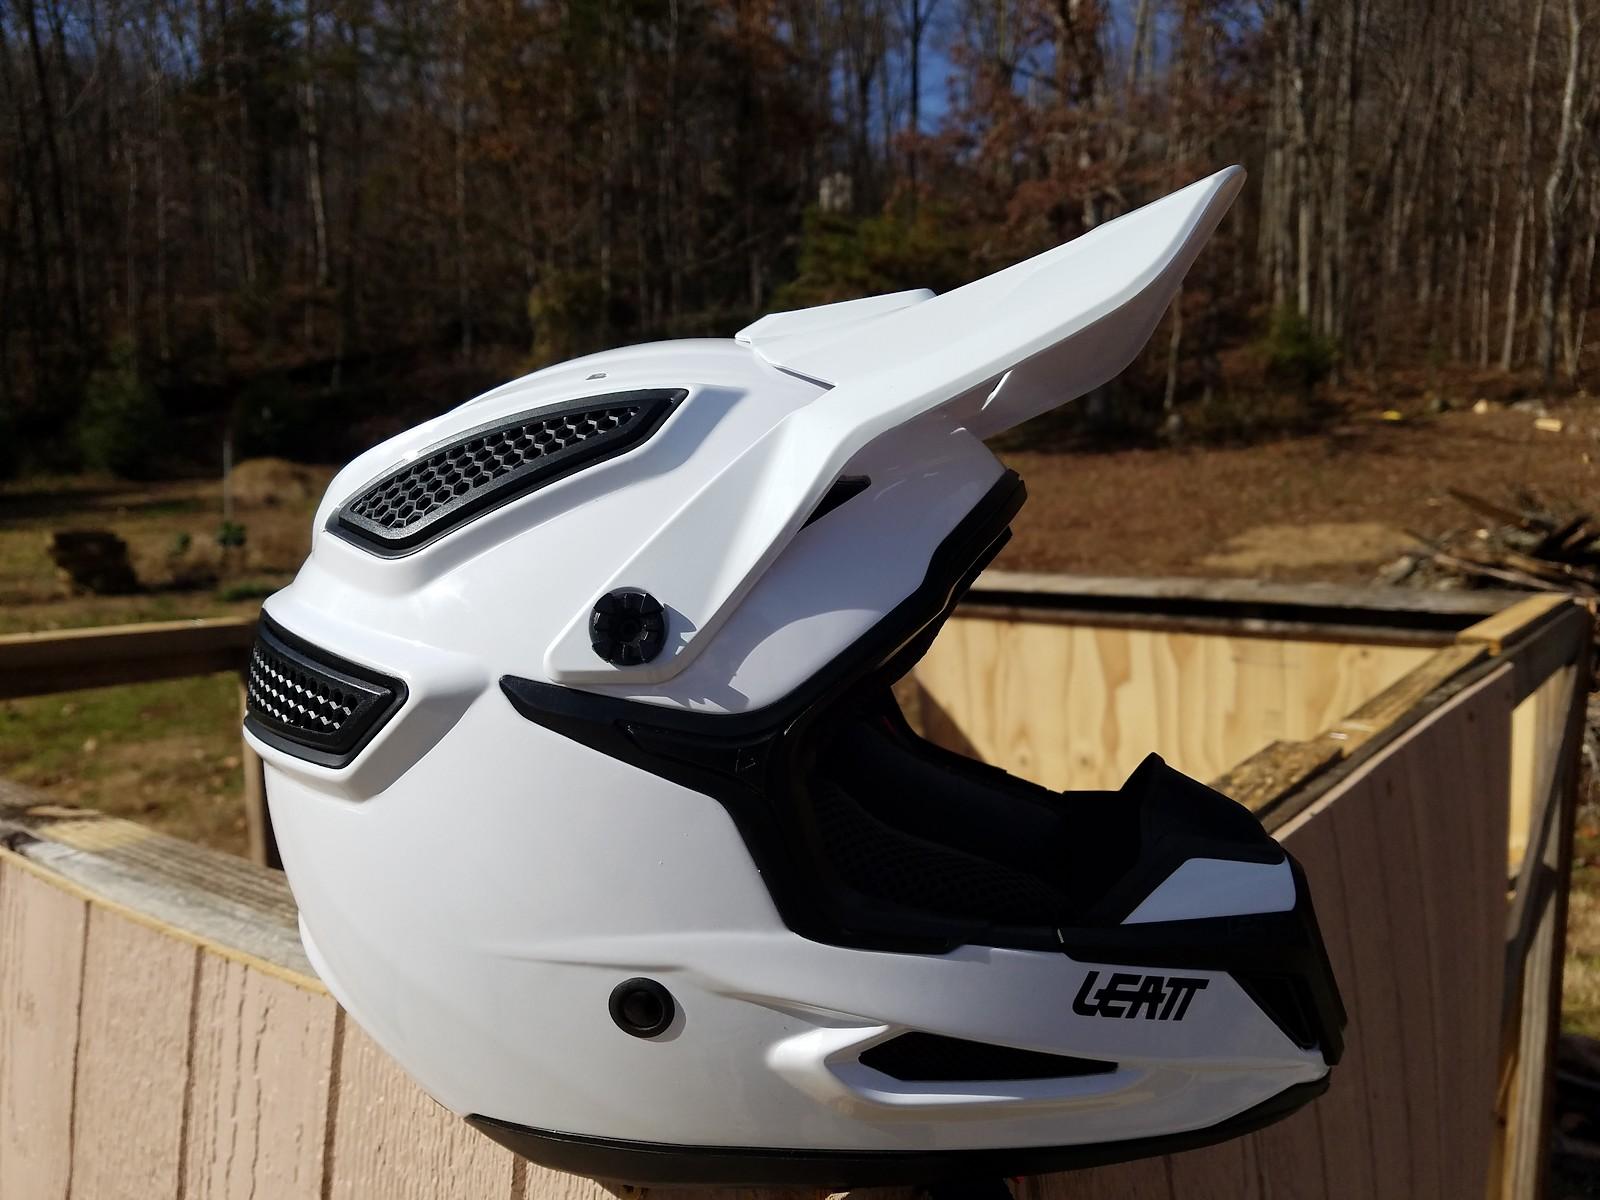 Kids Md Leatt GPX-never used - For Sale/Bazaar - Motocross